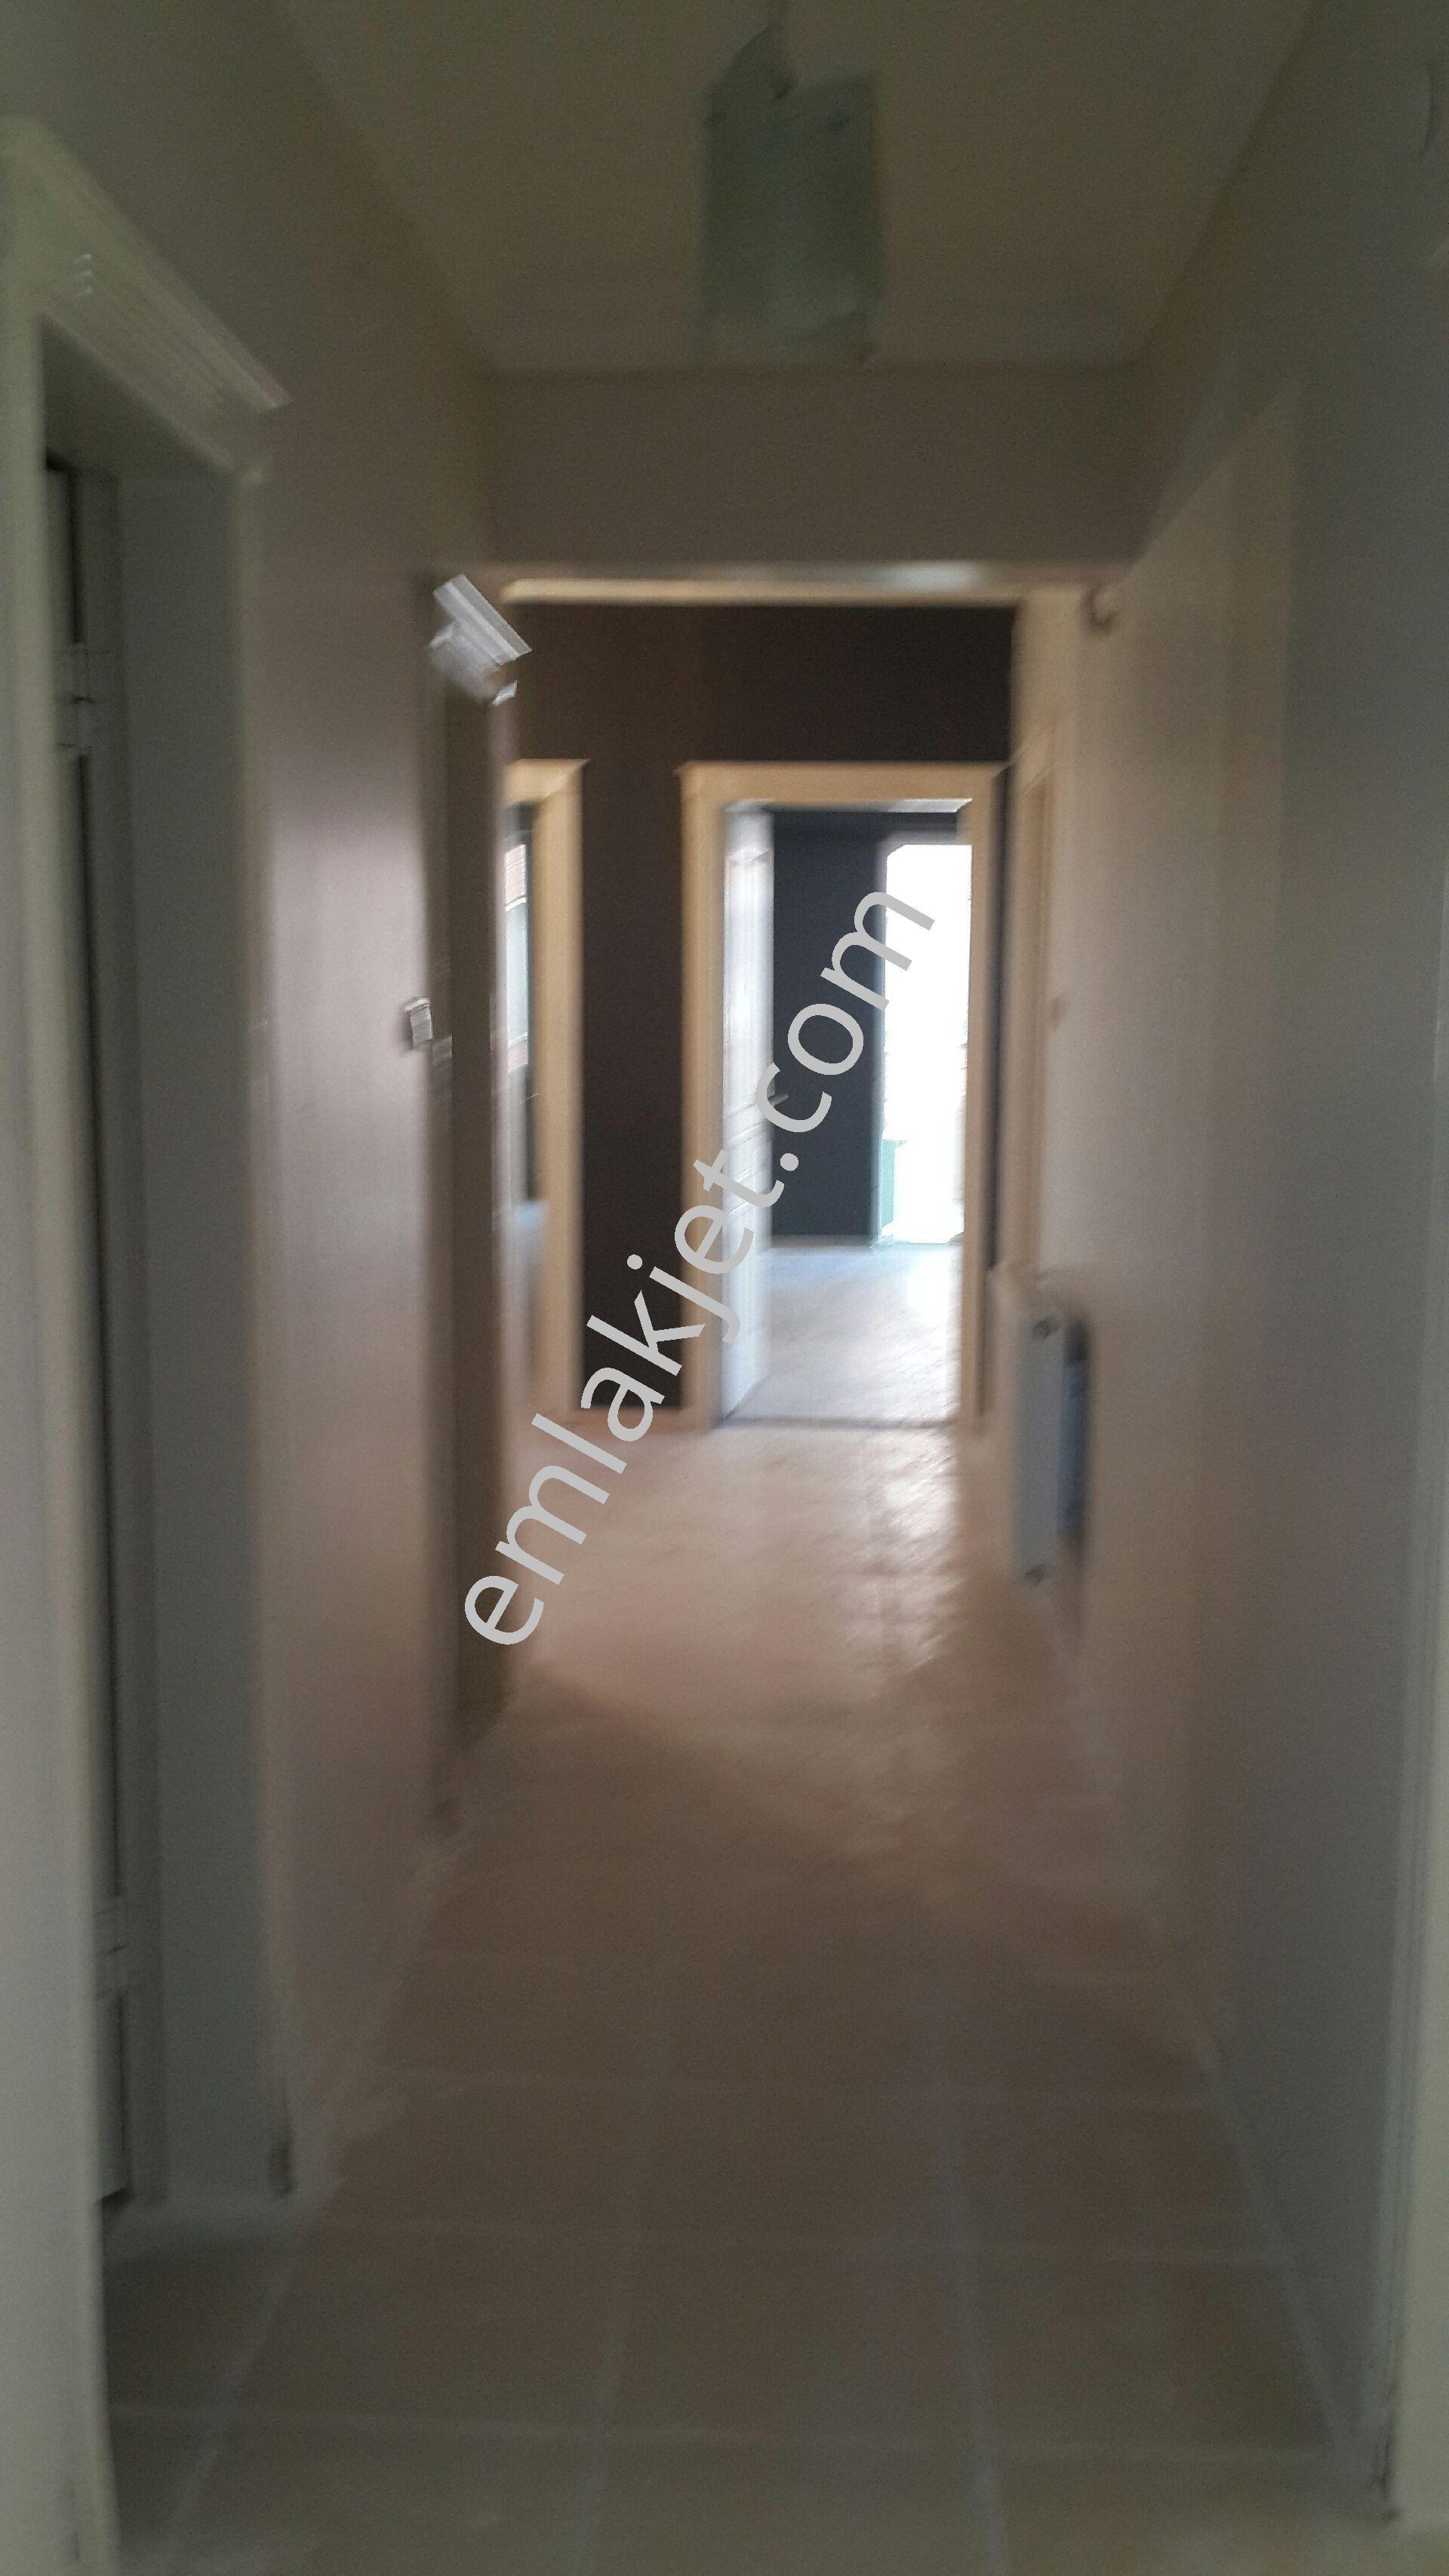 https://imaj.emlakjet.com/listing/7952030/040F39D5176B47563396BB756A96497F7952030.jpg